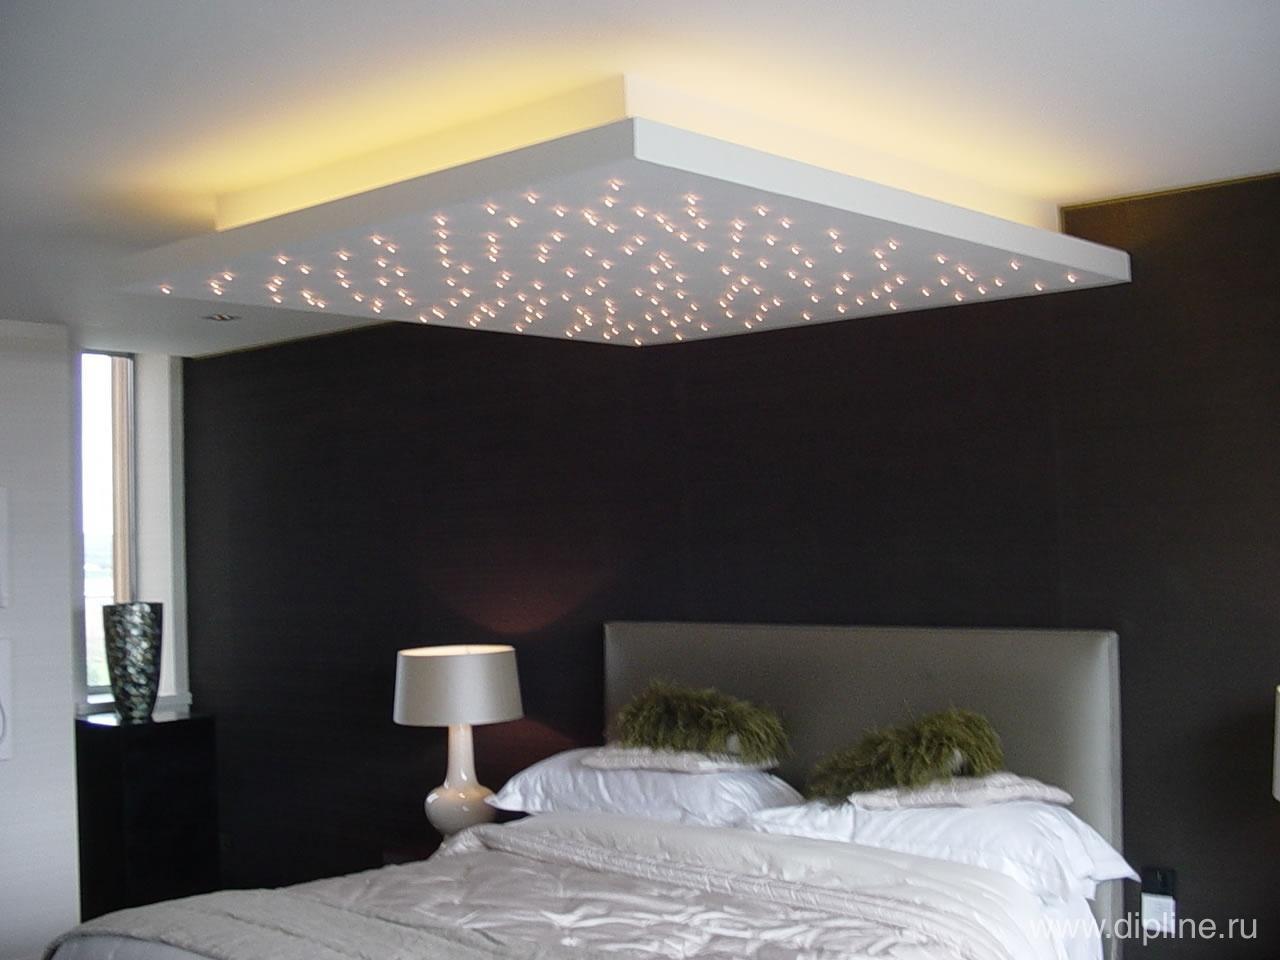 toutes les astuces pour un int rieur la d co led le ciel lumineux en led pour garder la. Black Bedroom Furniture Sets. Home Design Ideas